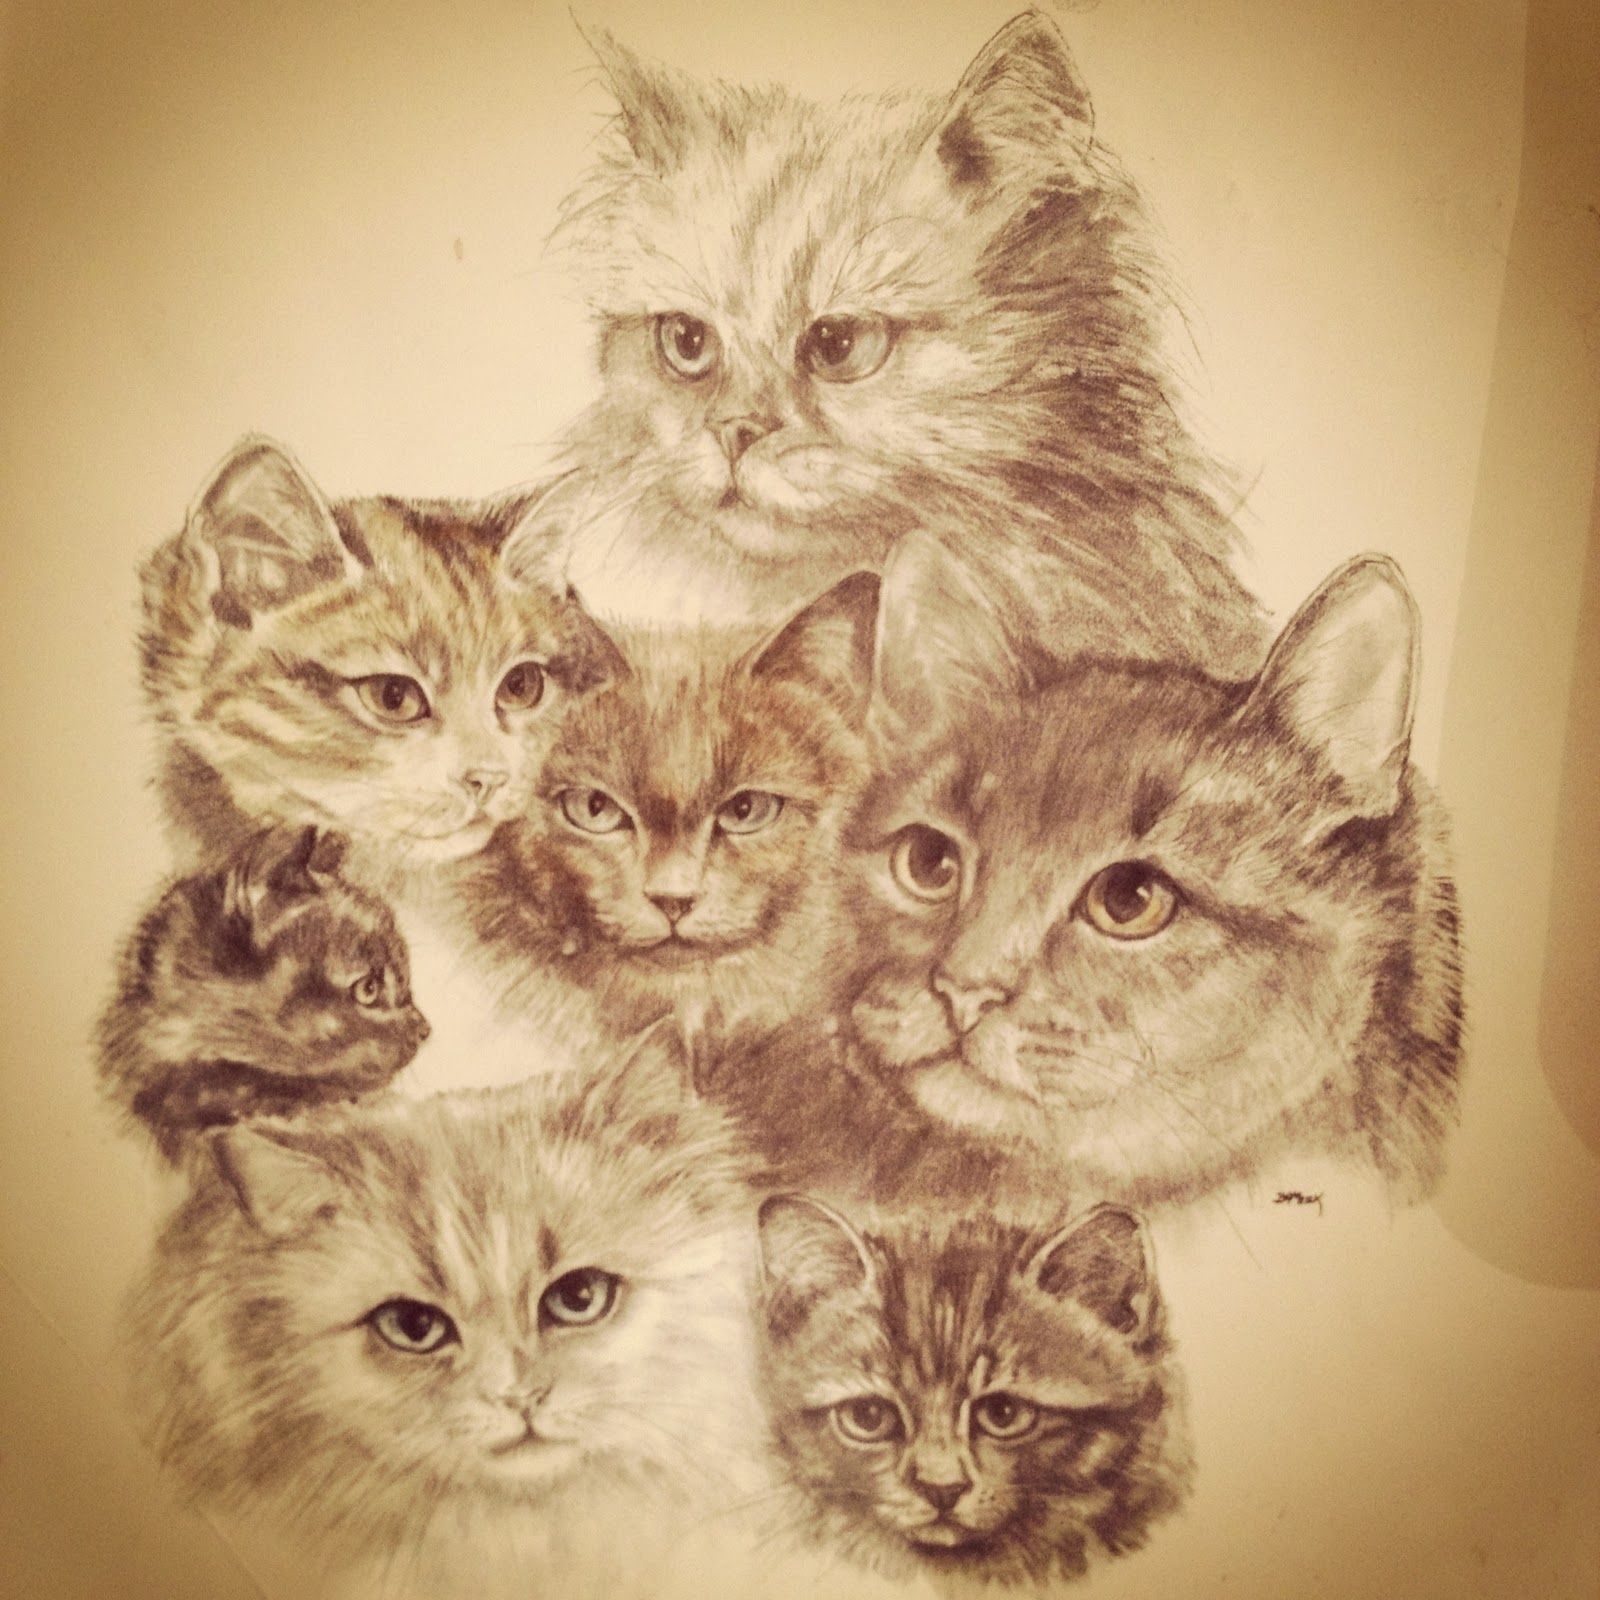 kittyheads